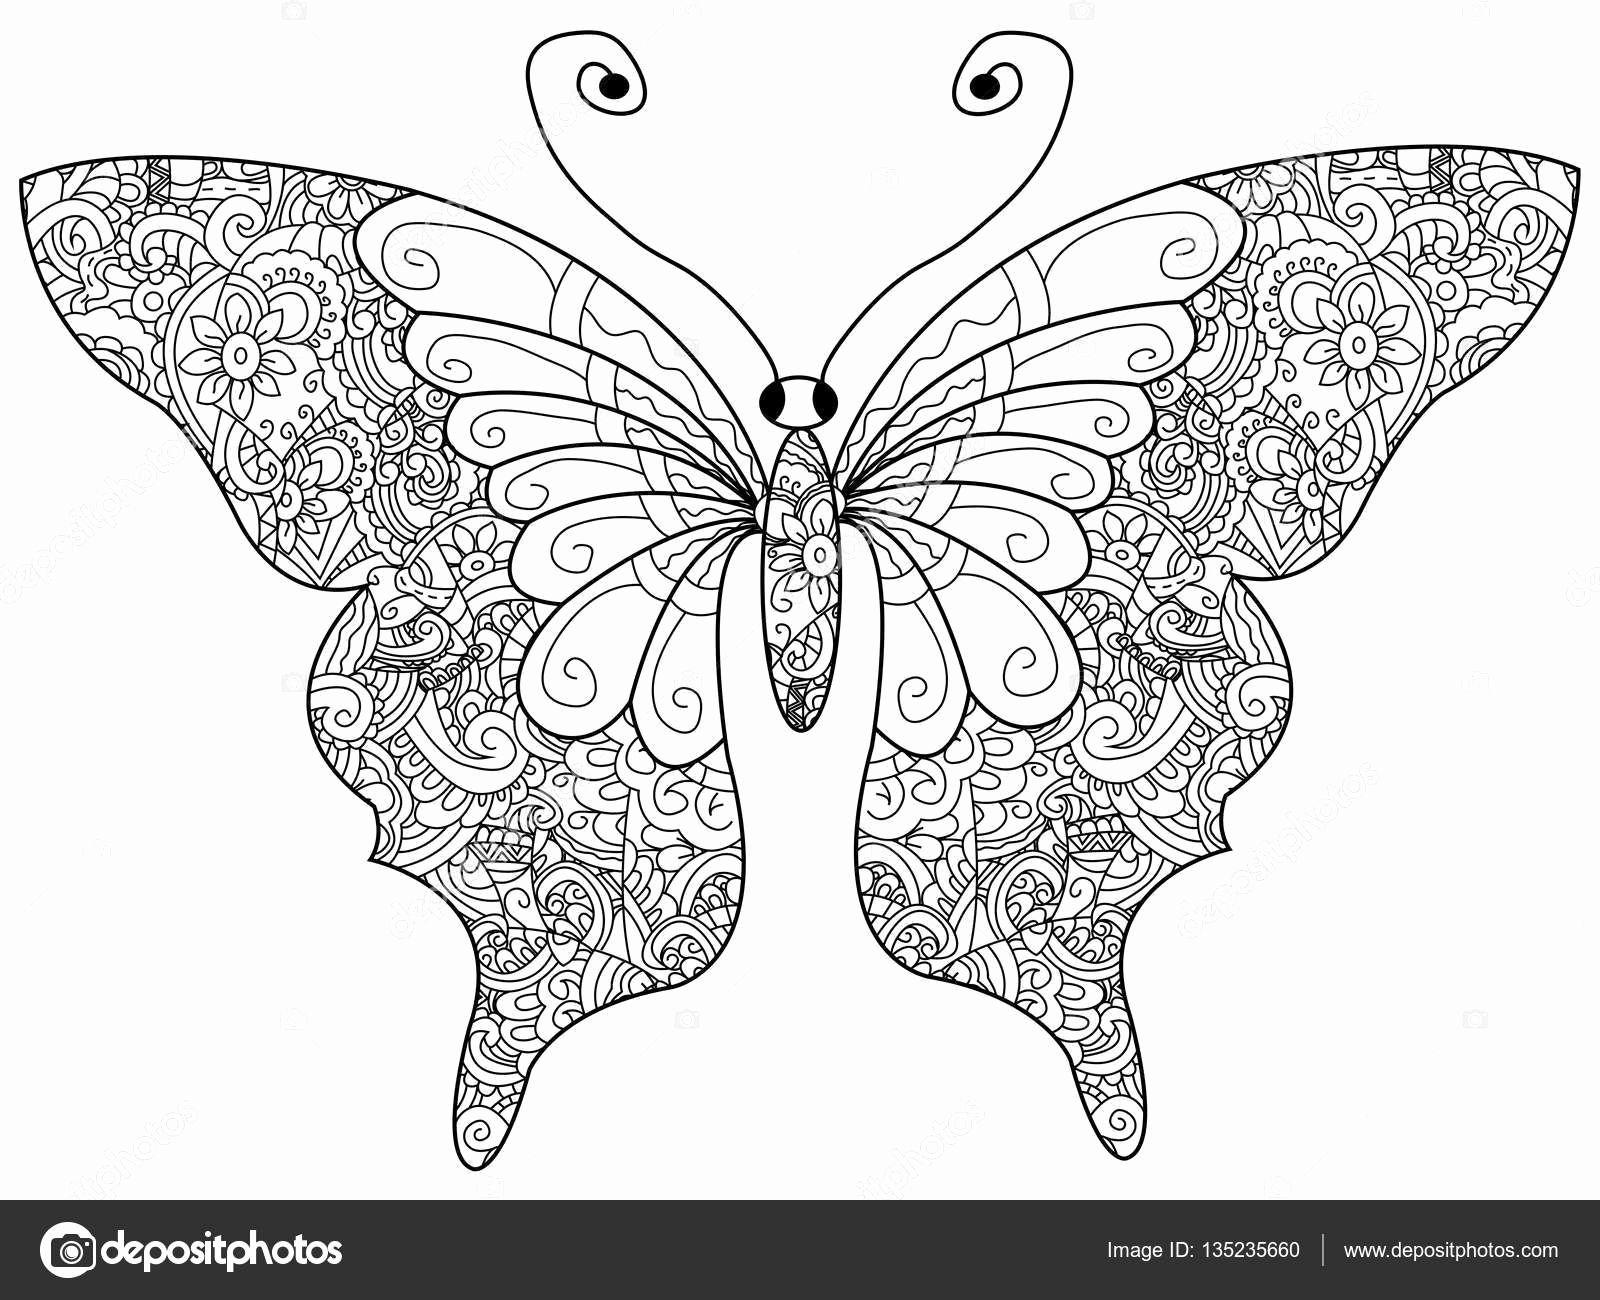 Tekeningen Printen Uniek Populair Kleurplaten Voor Volwassenen Vlinders Wr32 Kleurplaat Site Kleurplaten Voor Volwassenen Mandala Kleurplaten Kleurboek